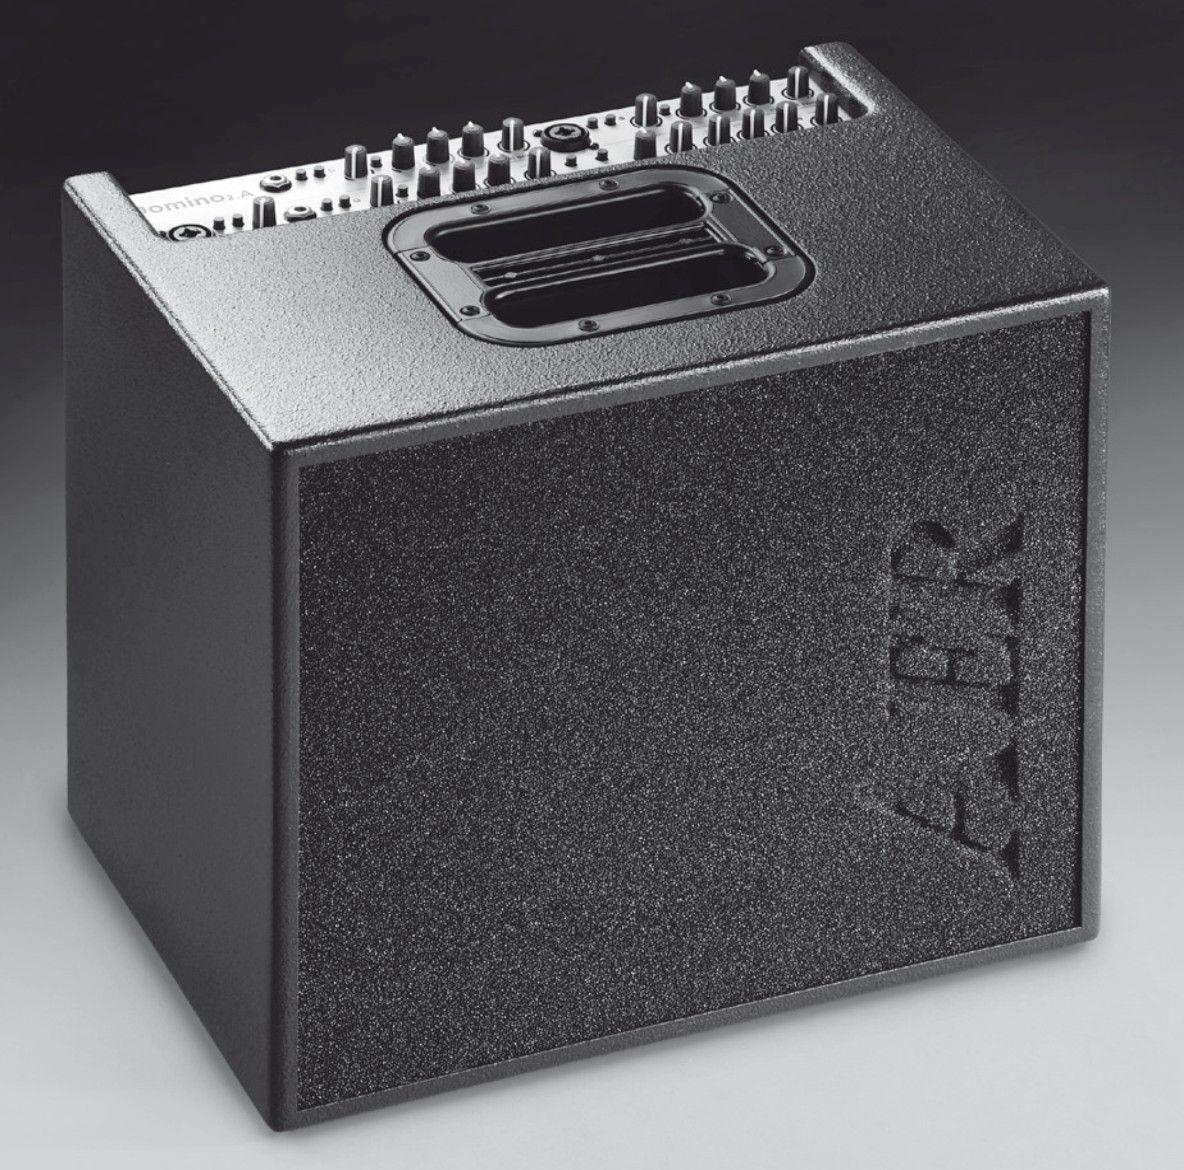 AER Domino 2.A Akustikverstärker 4 Eingänge - 100 Watt